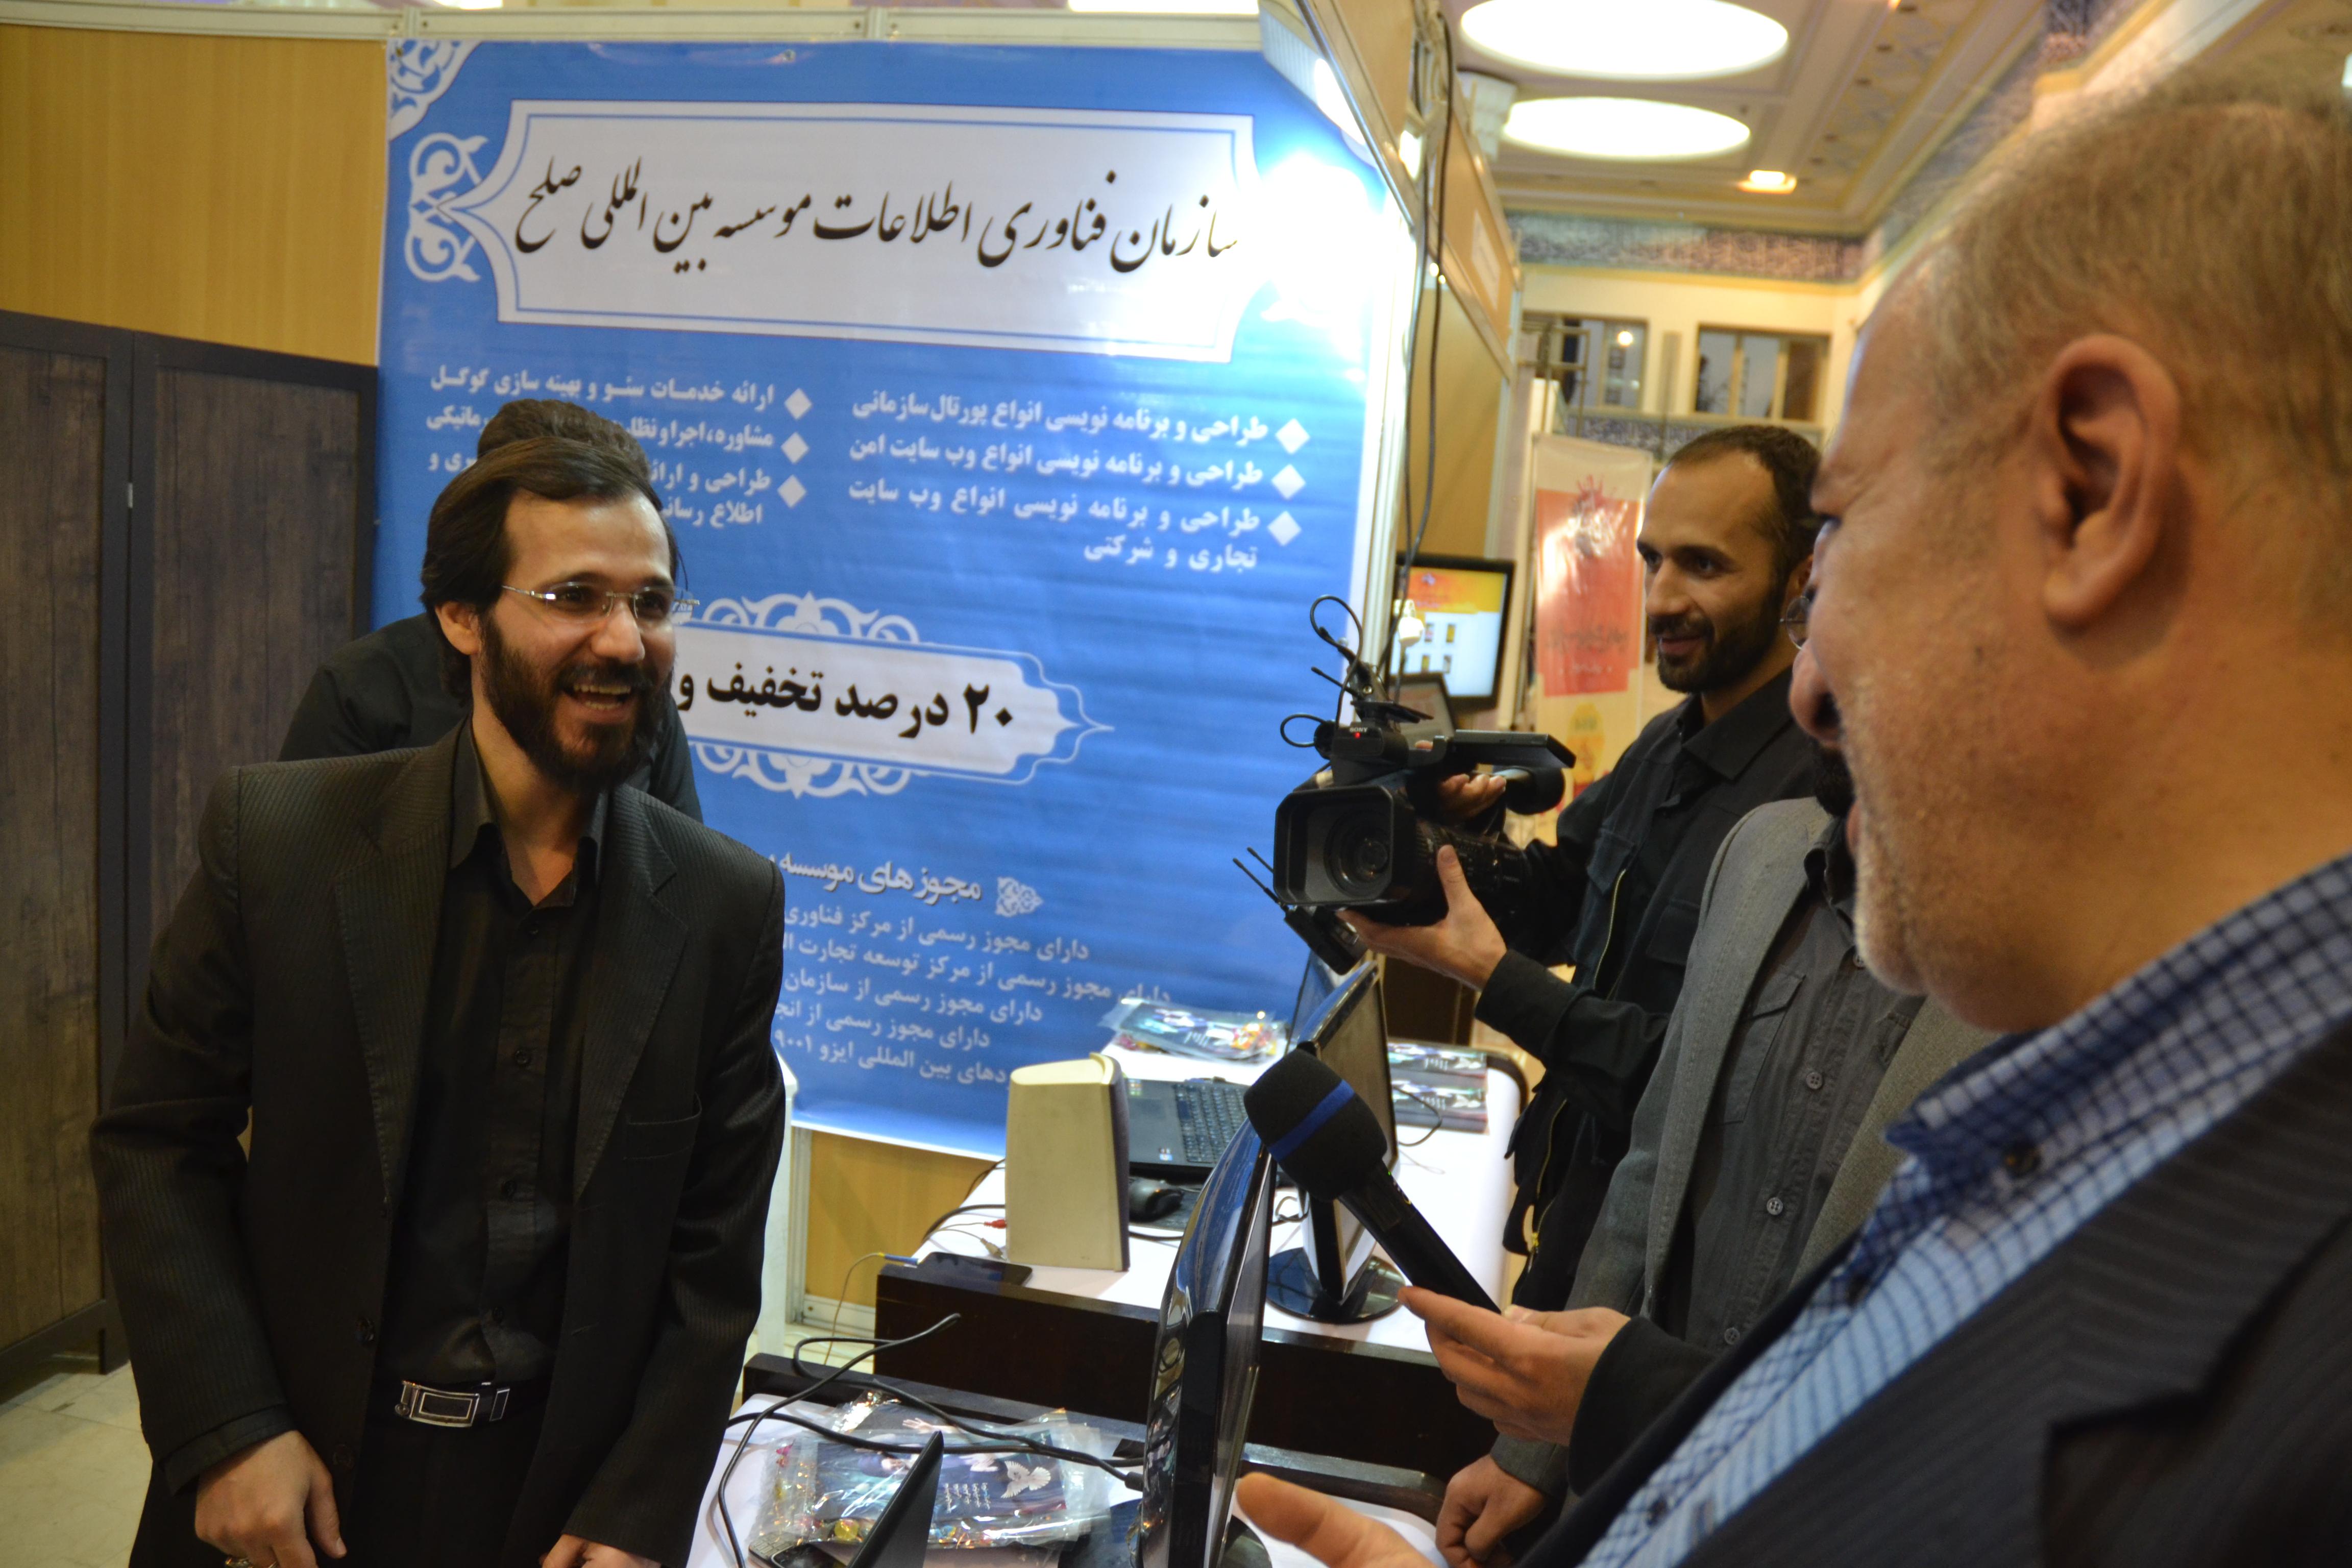 دکتر صلاحی ریاست سازمان فرهنگی هنری مهمان صلح شد